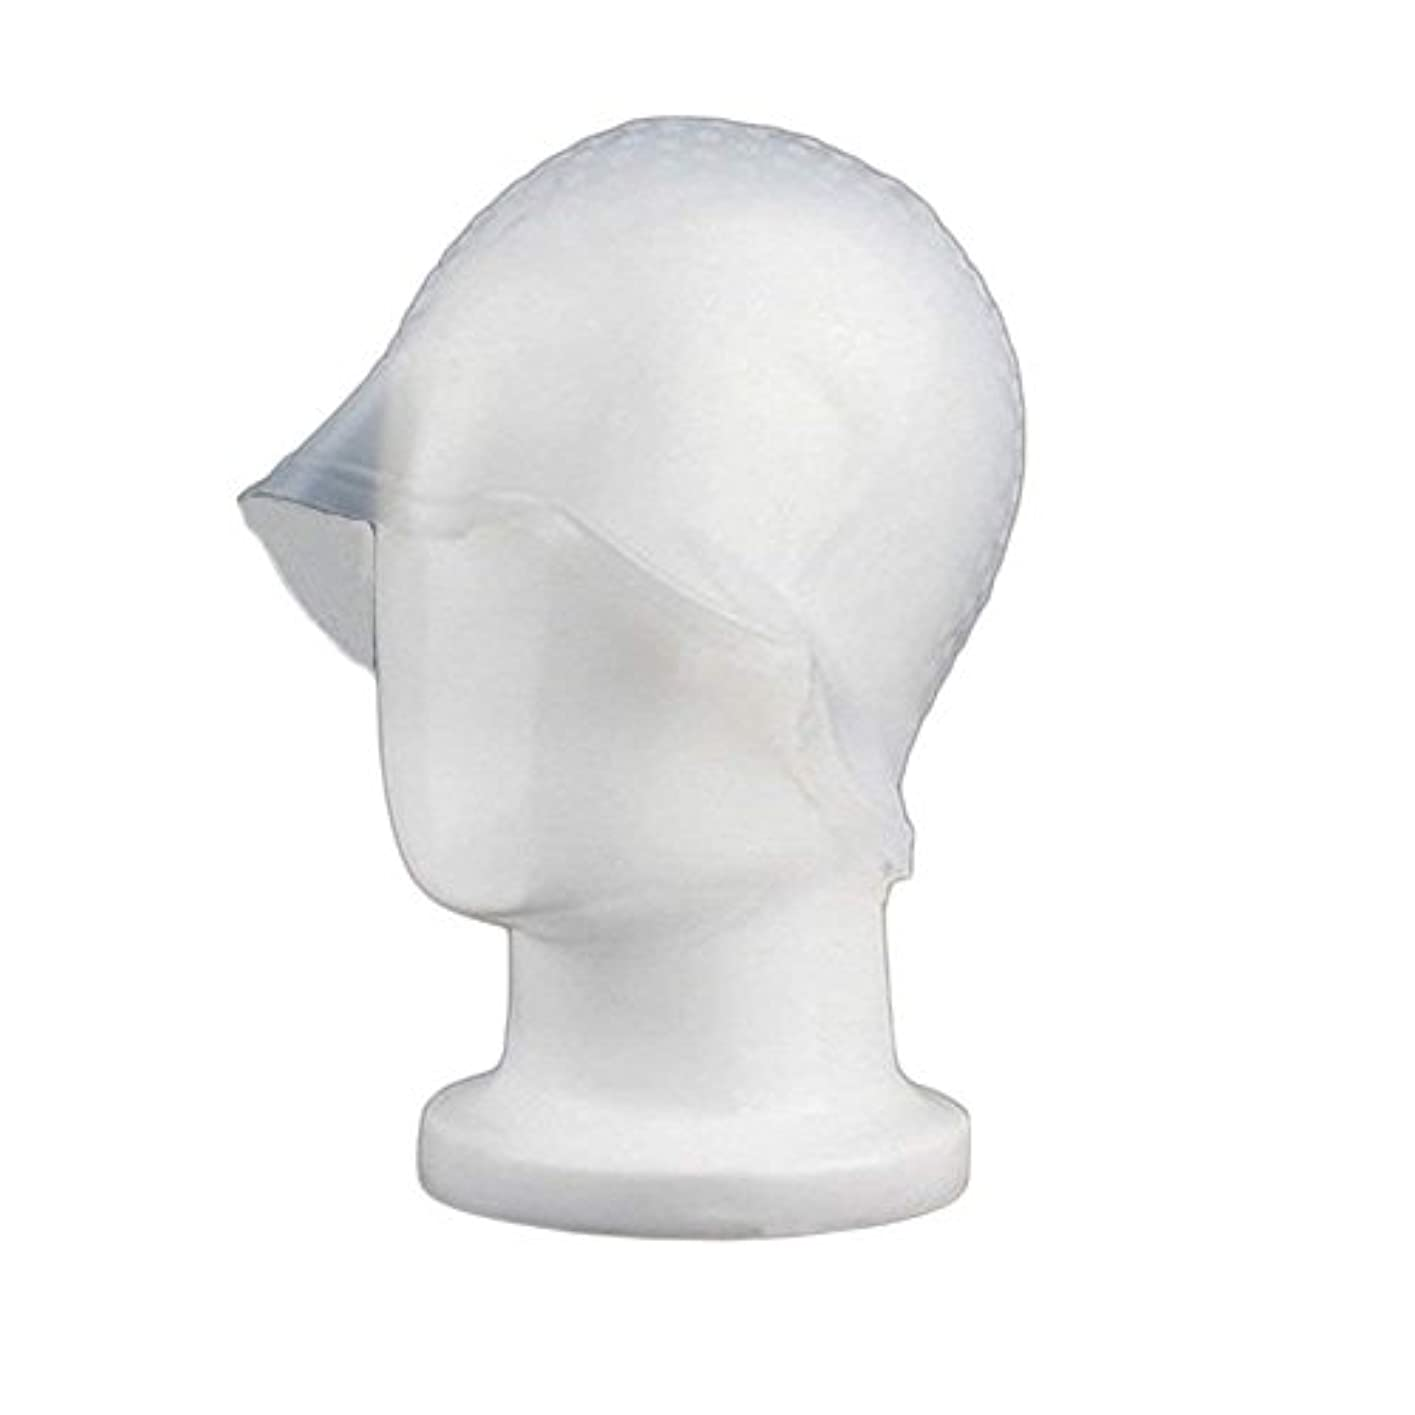 ドライ解釈陰謀Sincerestore 洗って使える ヘアカラー 染め用 メッシュ 用 シリコン ヘア キャップキャップ (ホワイト)